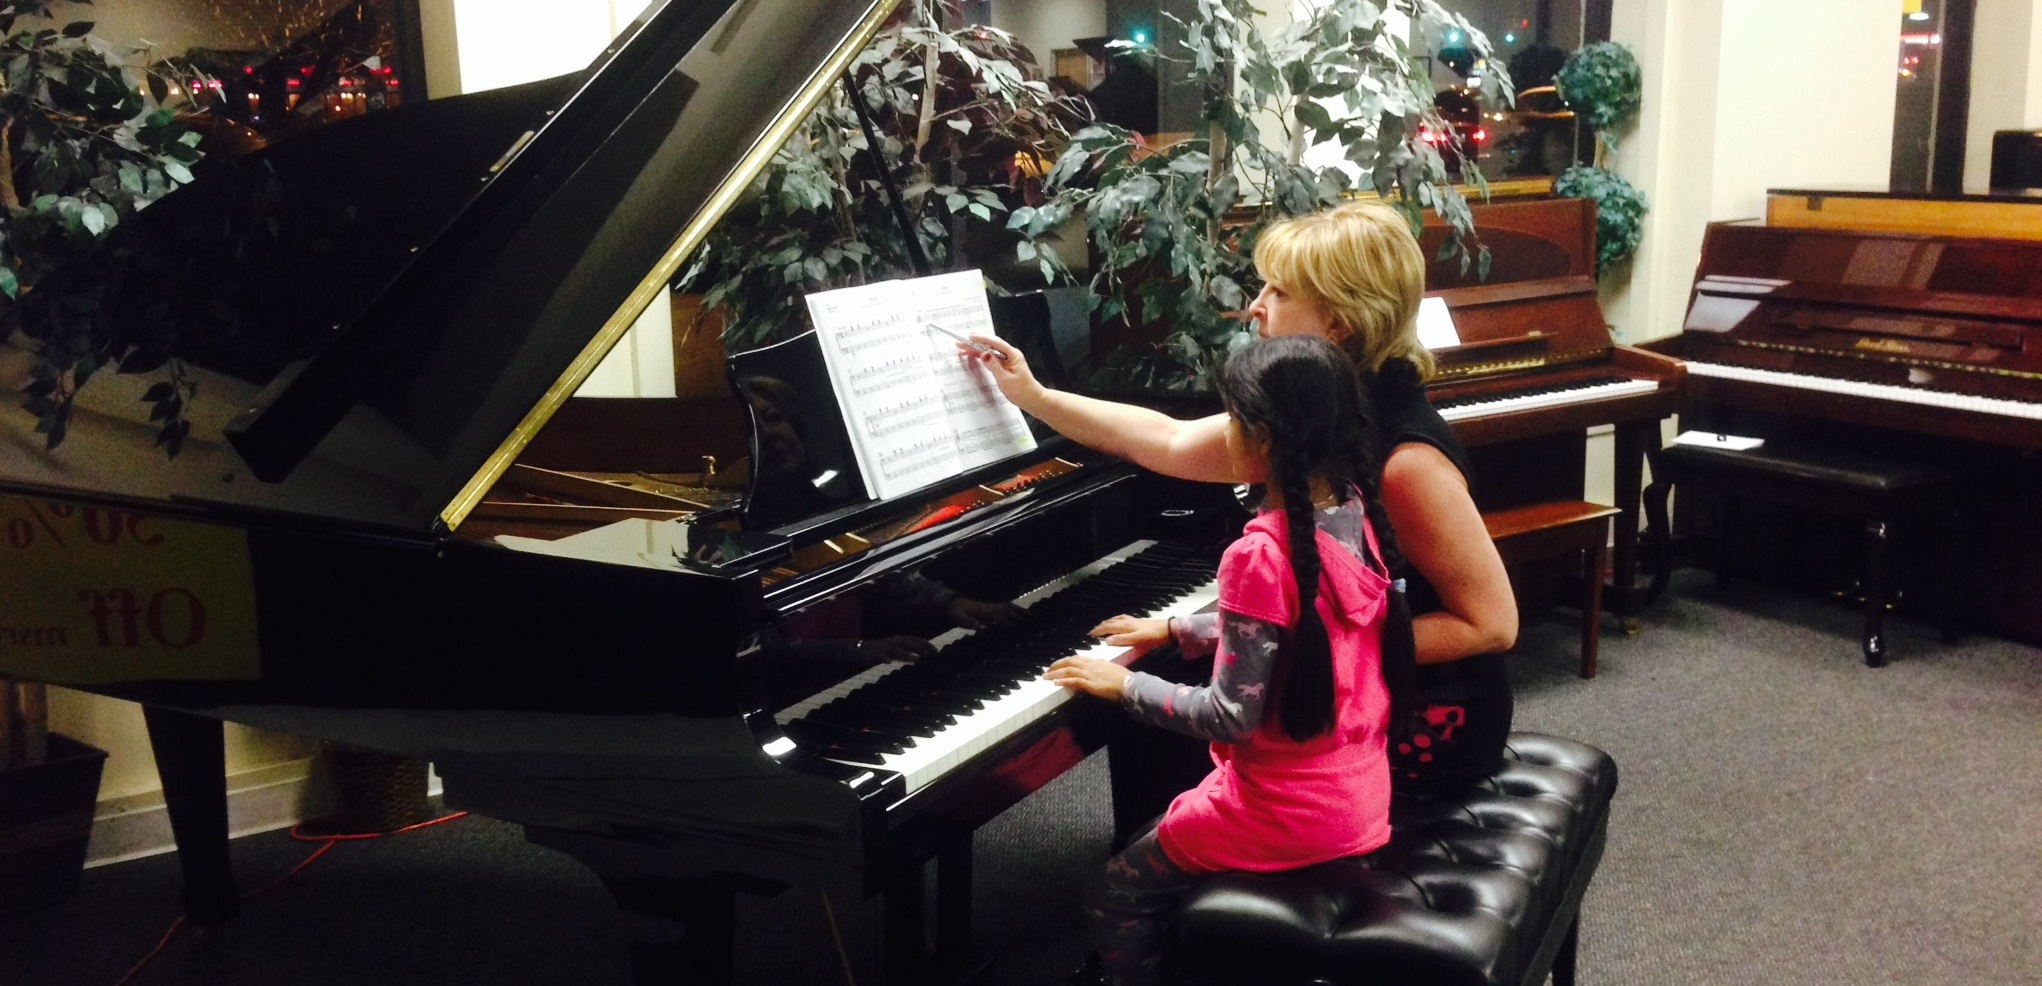 Çocuklar Niçin Piyano ve Müzik Çalma Eğitimi Almalıdır?